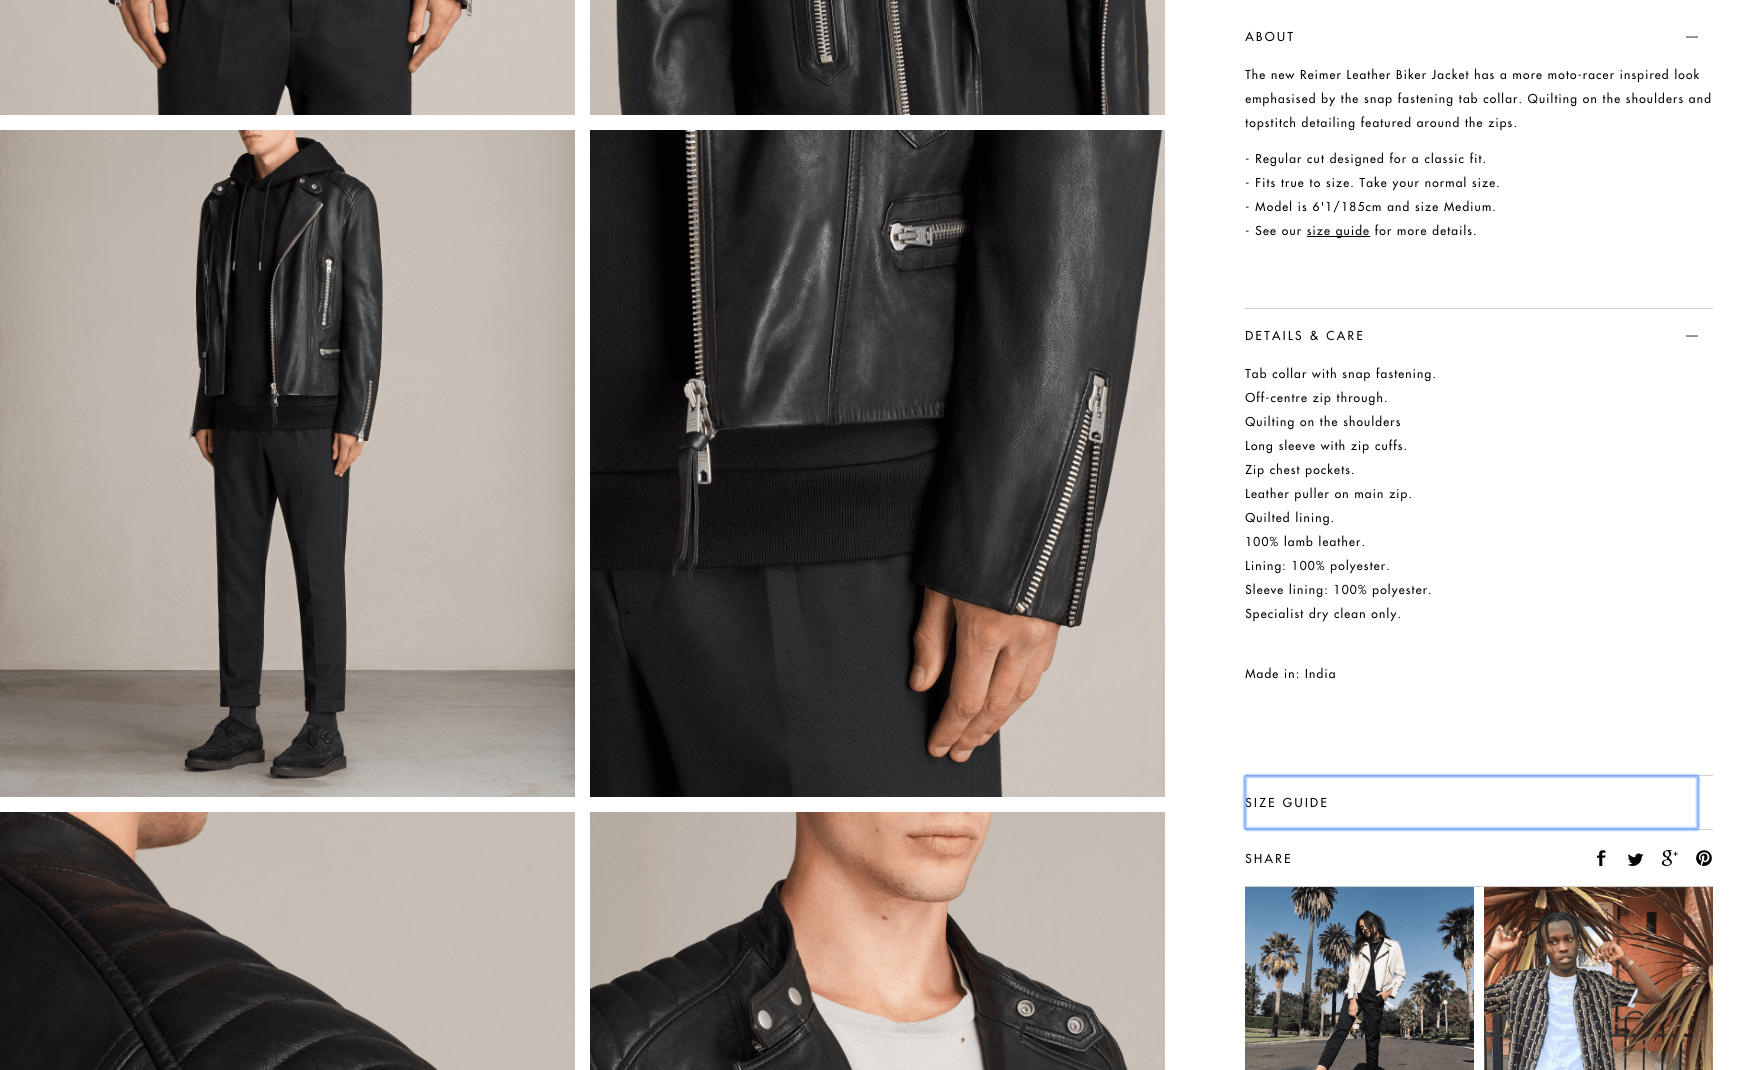 Descrição de jaqueta de couro em e-commerce